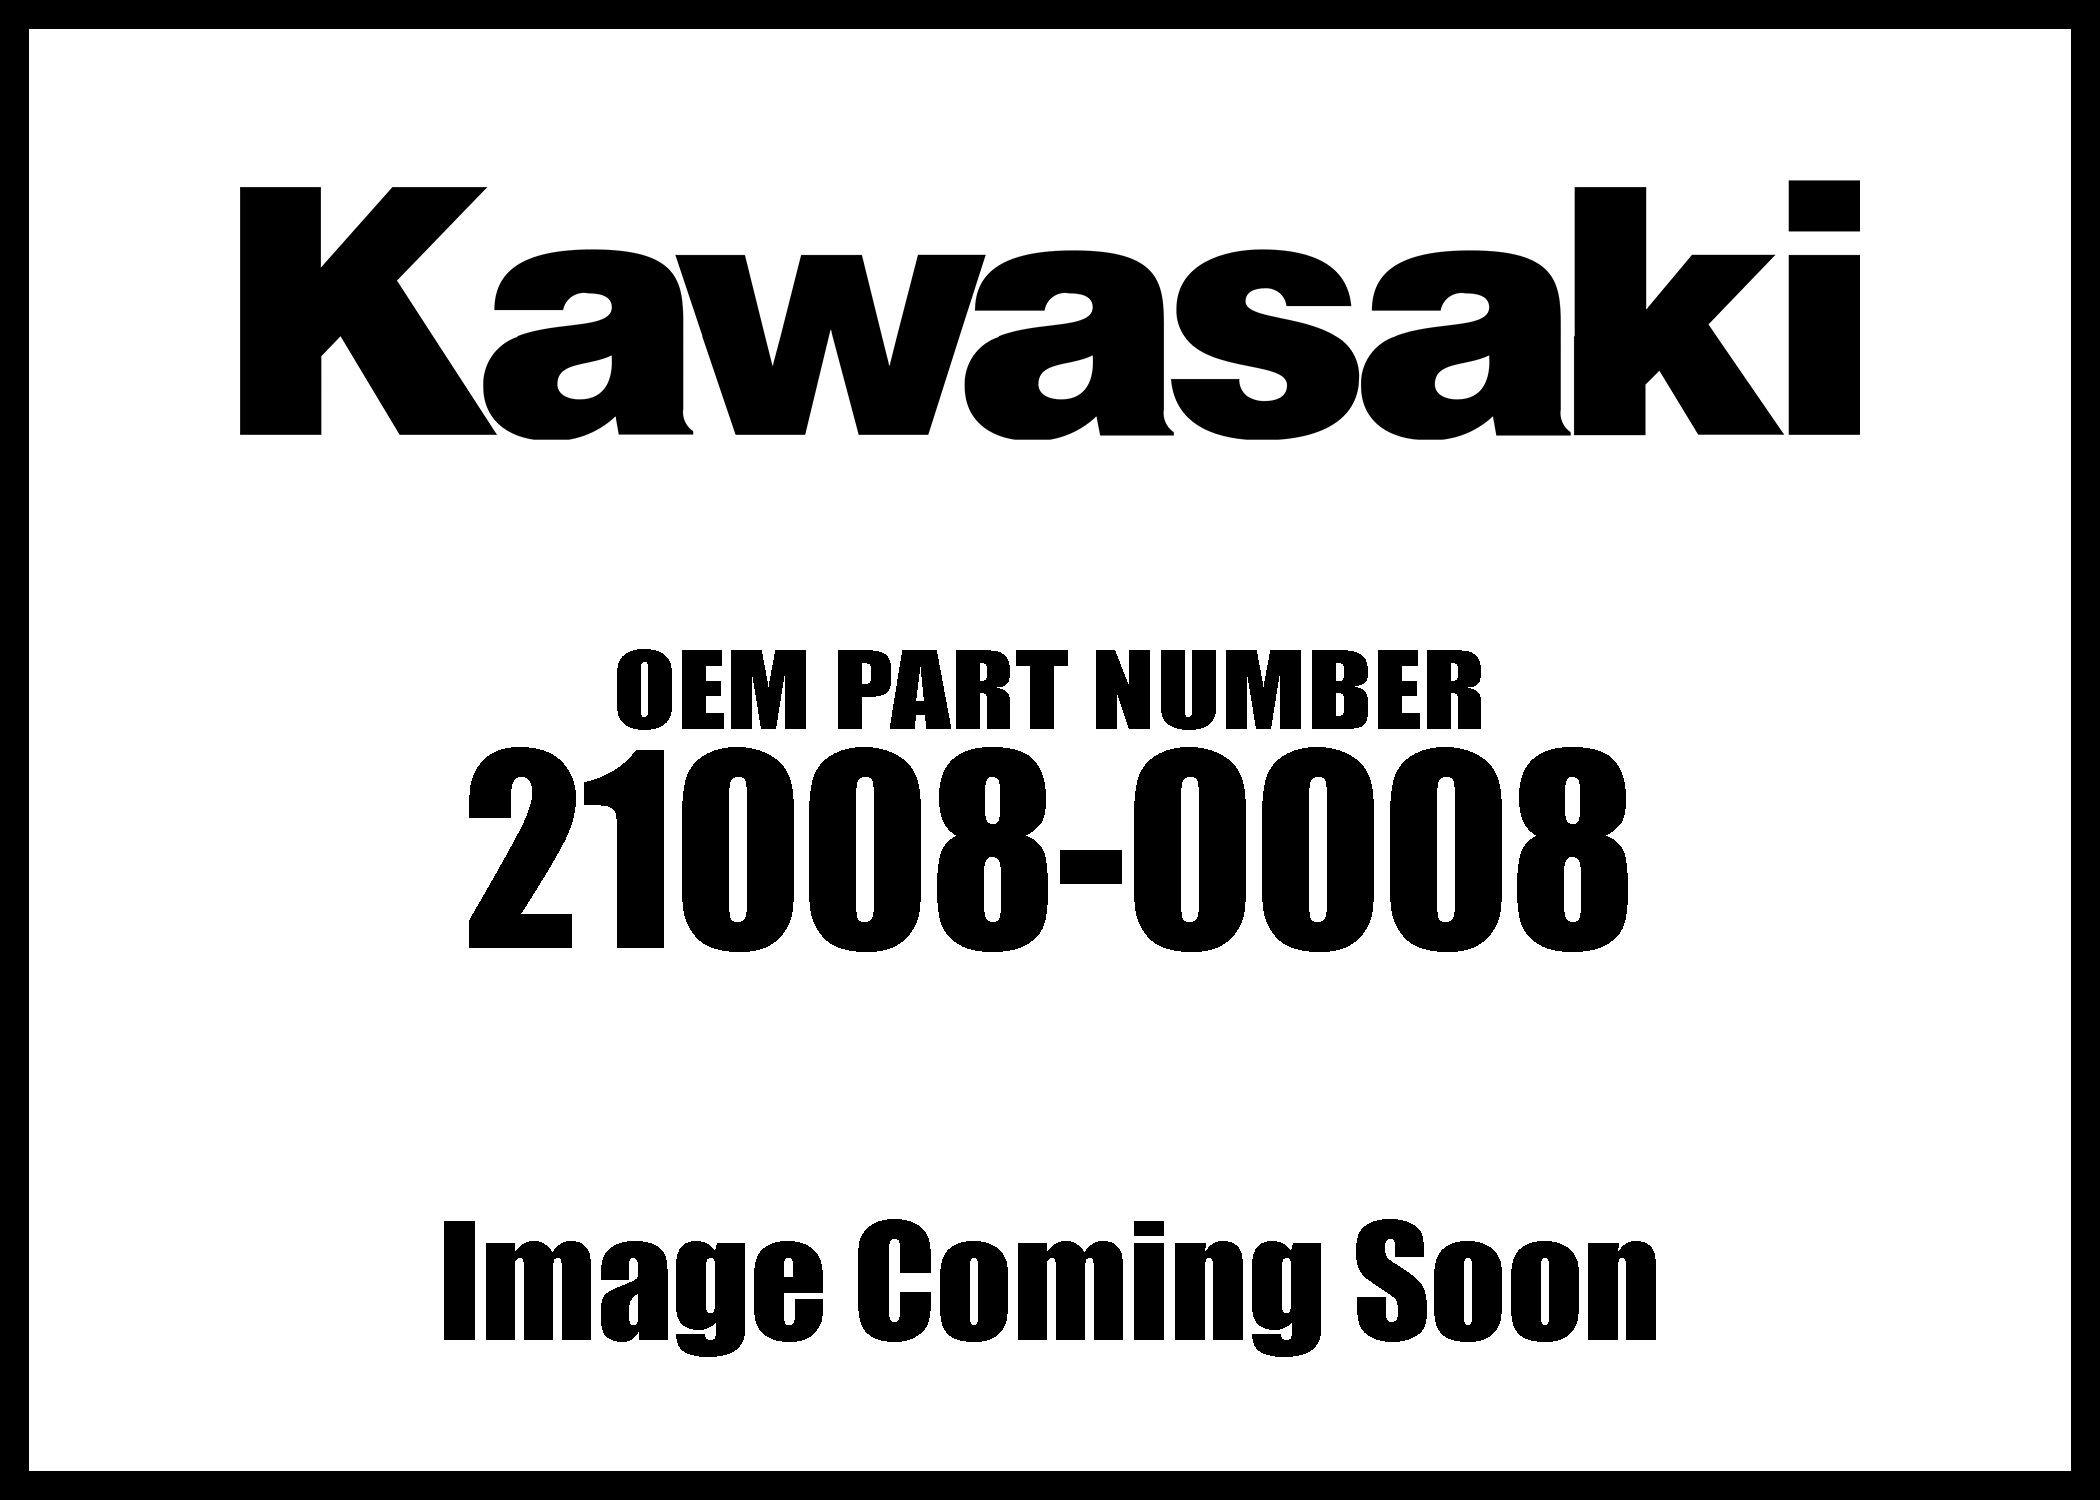 Kawasaki 2010-2013 Teryx 750 Fi 4X4 Teryx 750 Fi 4X4 Sport 12A Rad Fan Breaker 21008-0008 New Oem